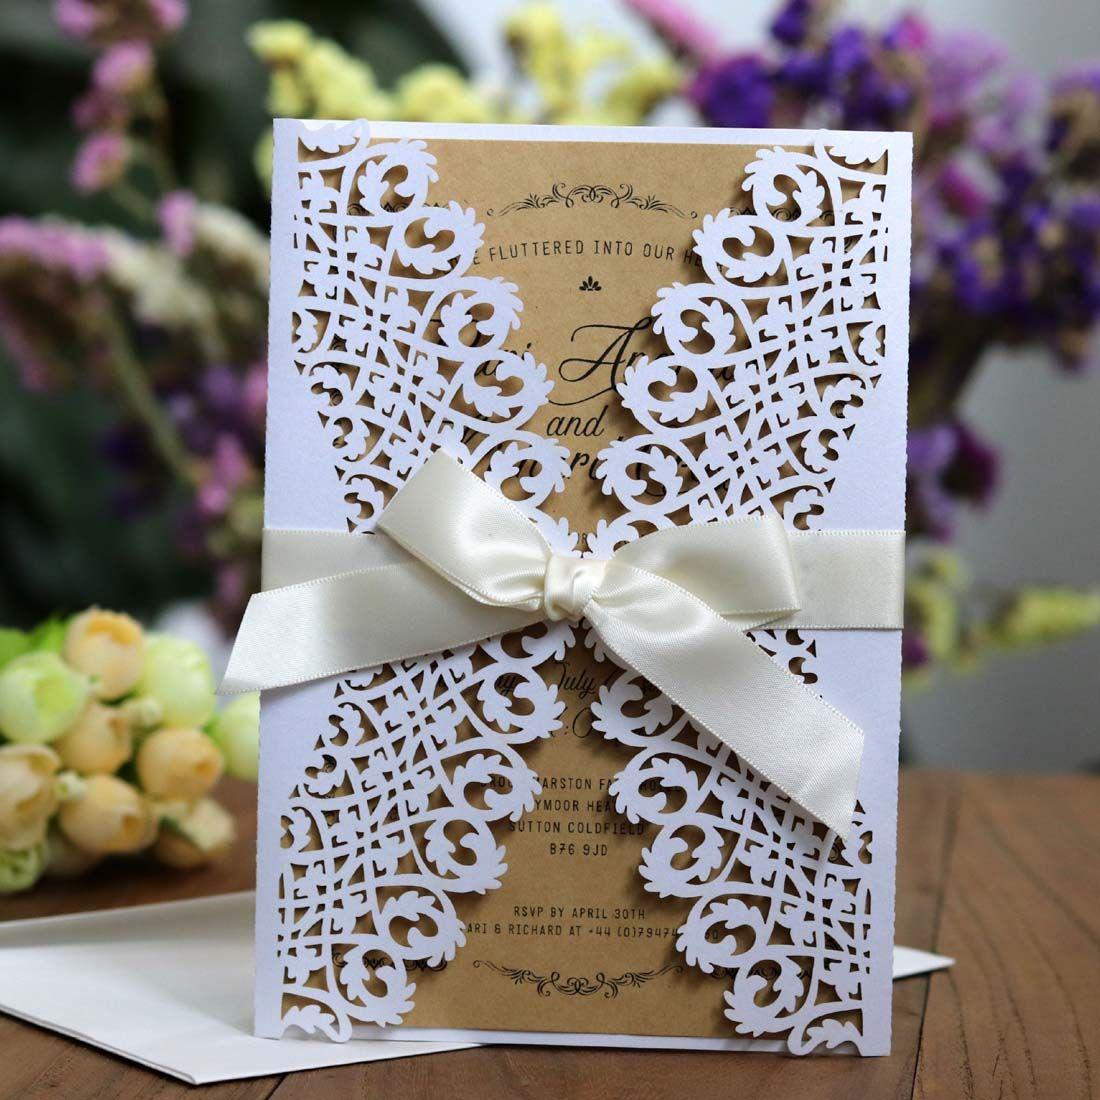 100 sztuk Vintage White Wedding Zaproszenia Karty z Flora Laser Cut Engagement na przyjęcie urodzinowe Zaproszenie konfigurowalne